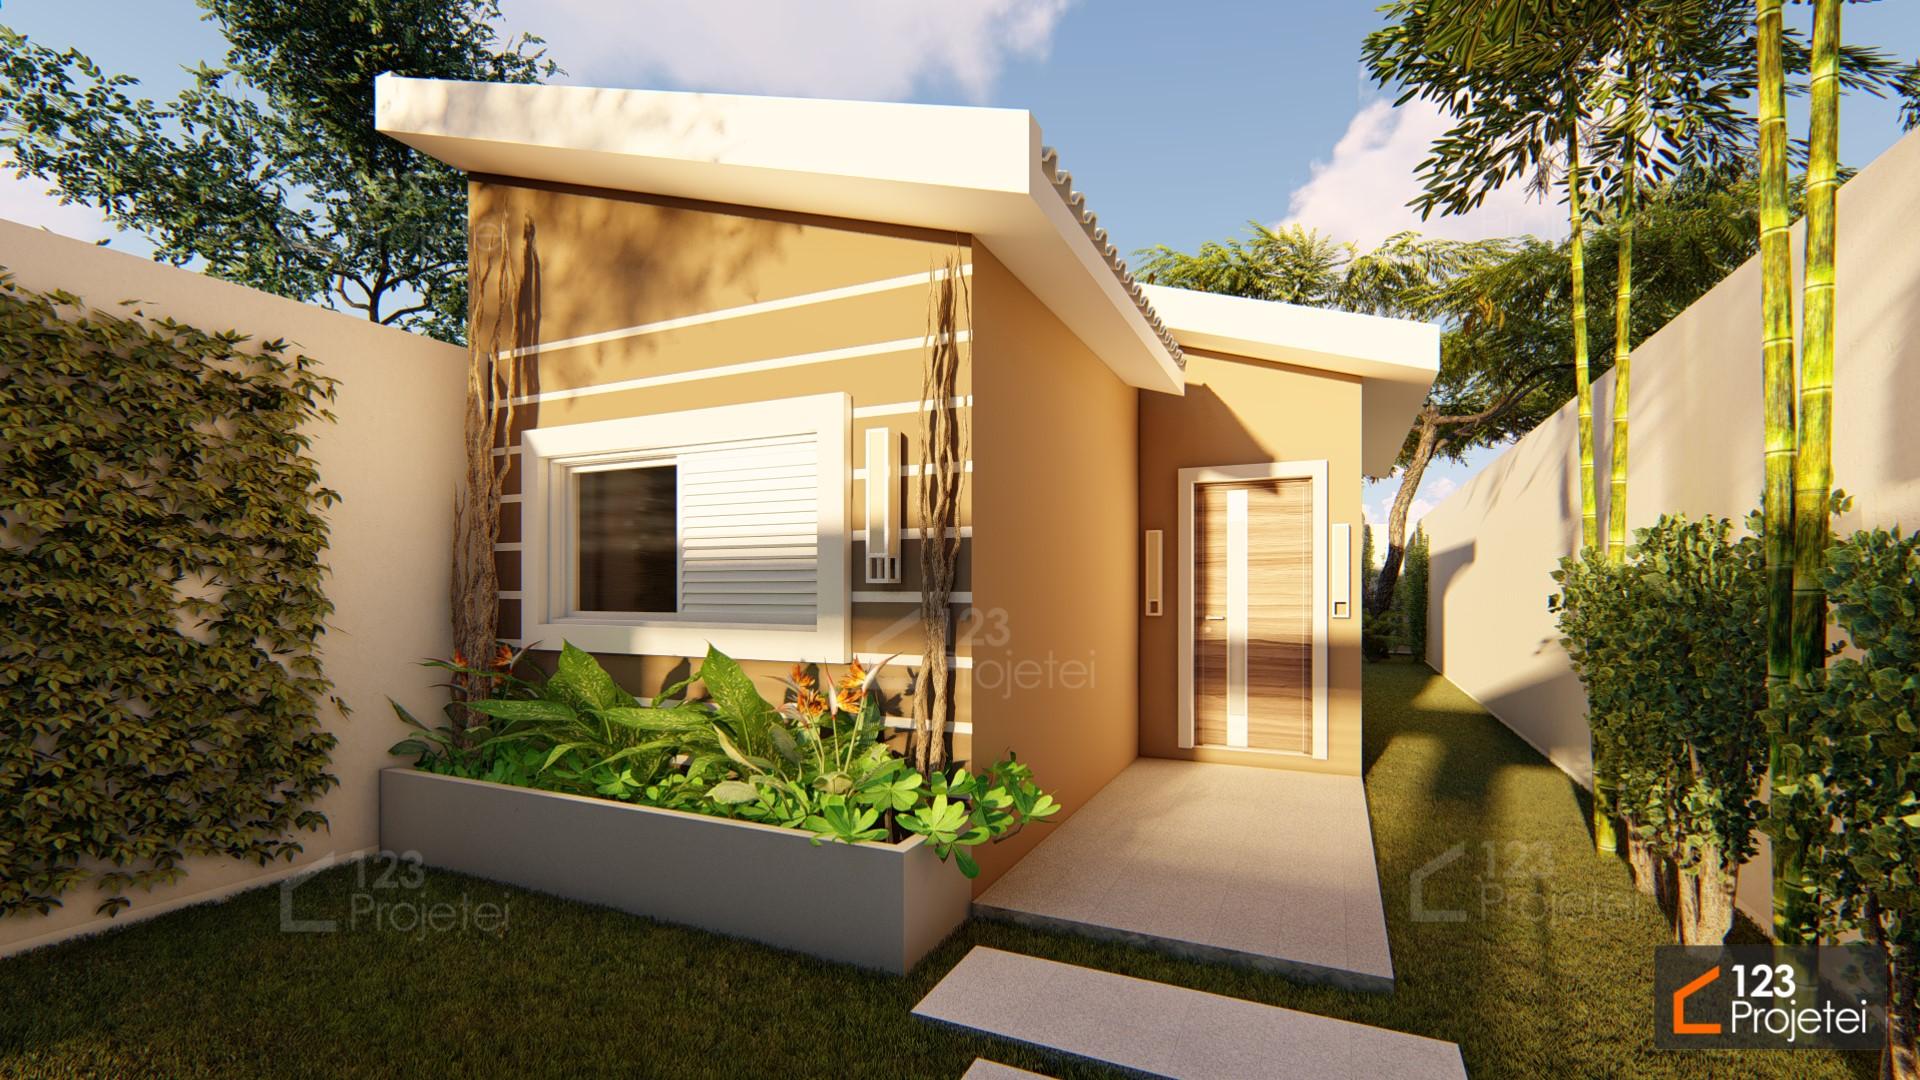 Projetos para casas pequenas: plantas de até 60m²